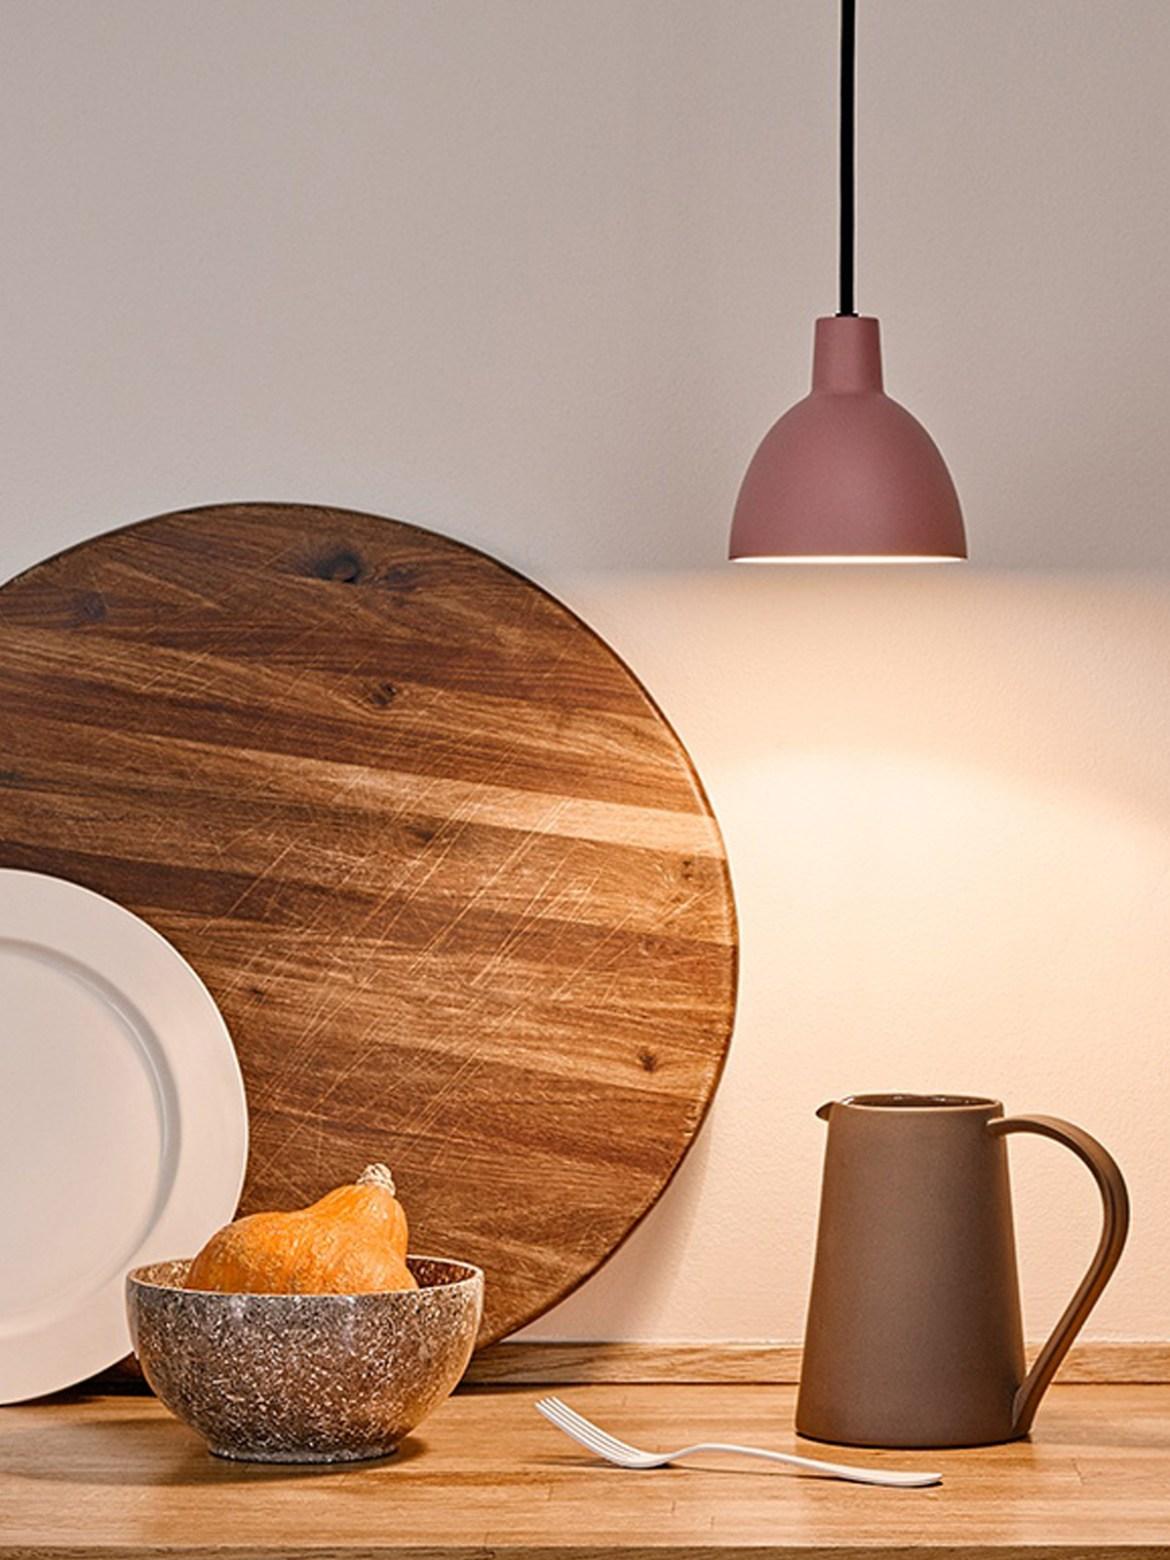 DesignOrt Blog: Designerleuchten von Louis Poulsen für Küche und Esszimmer Rose Toldbod